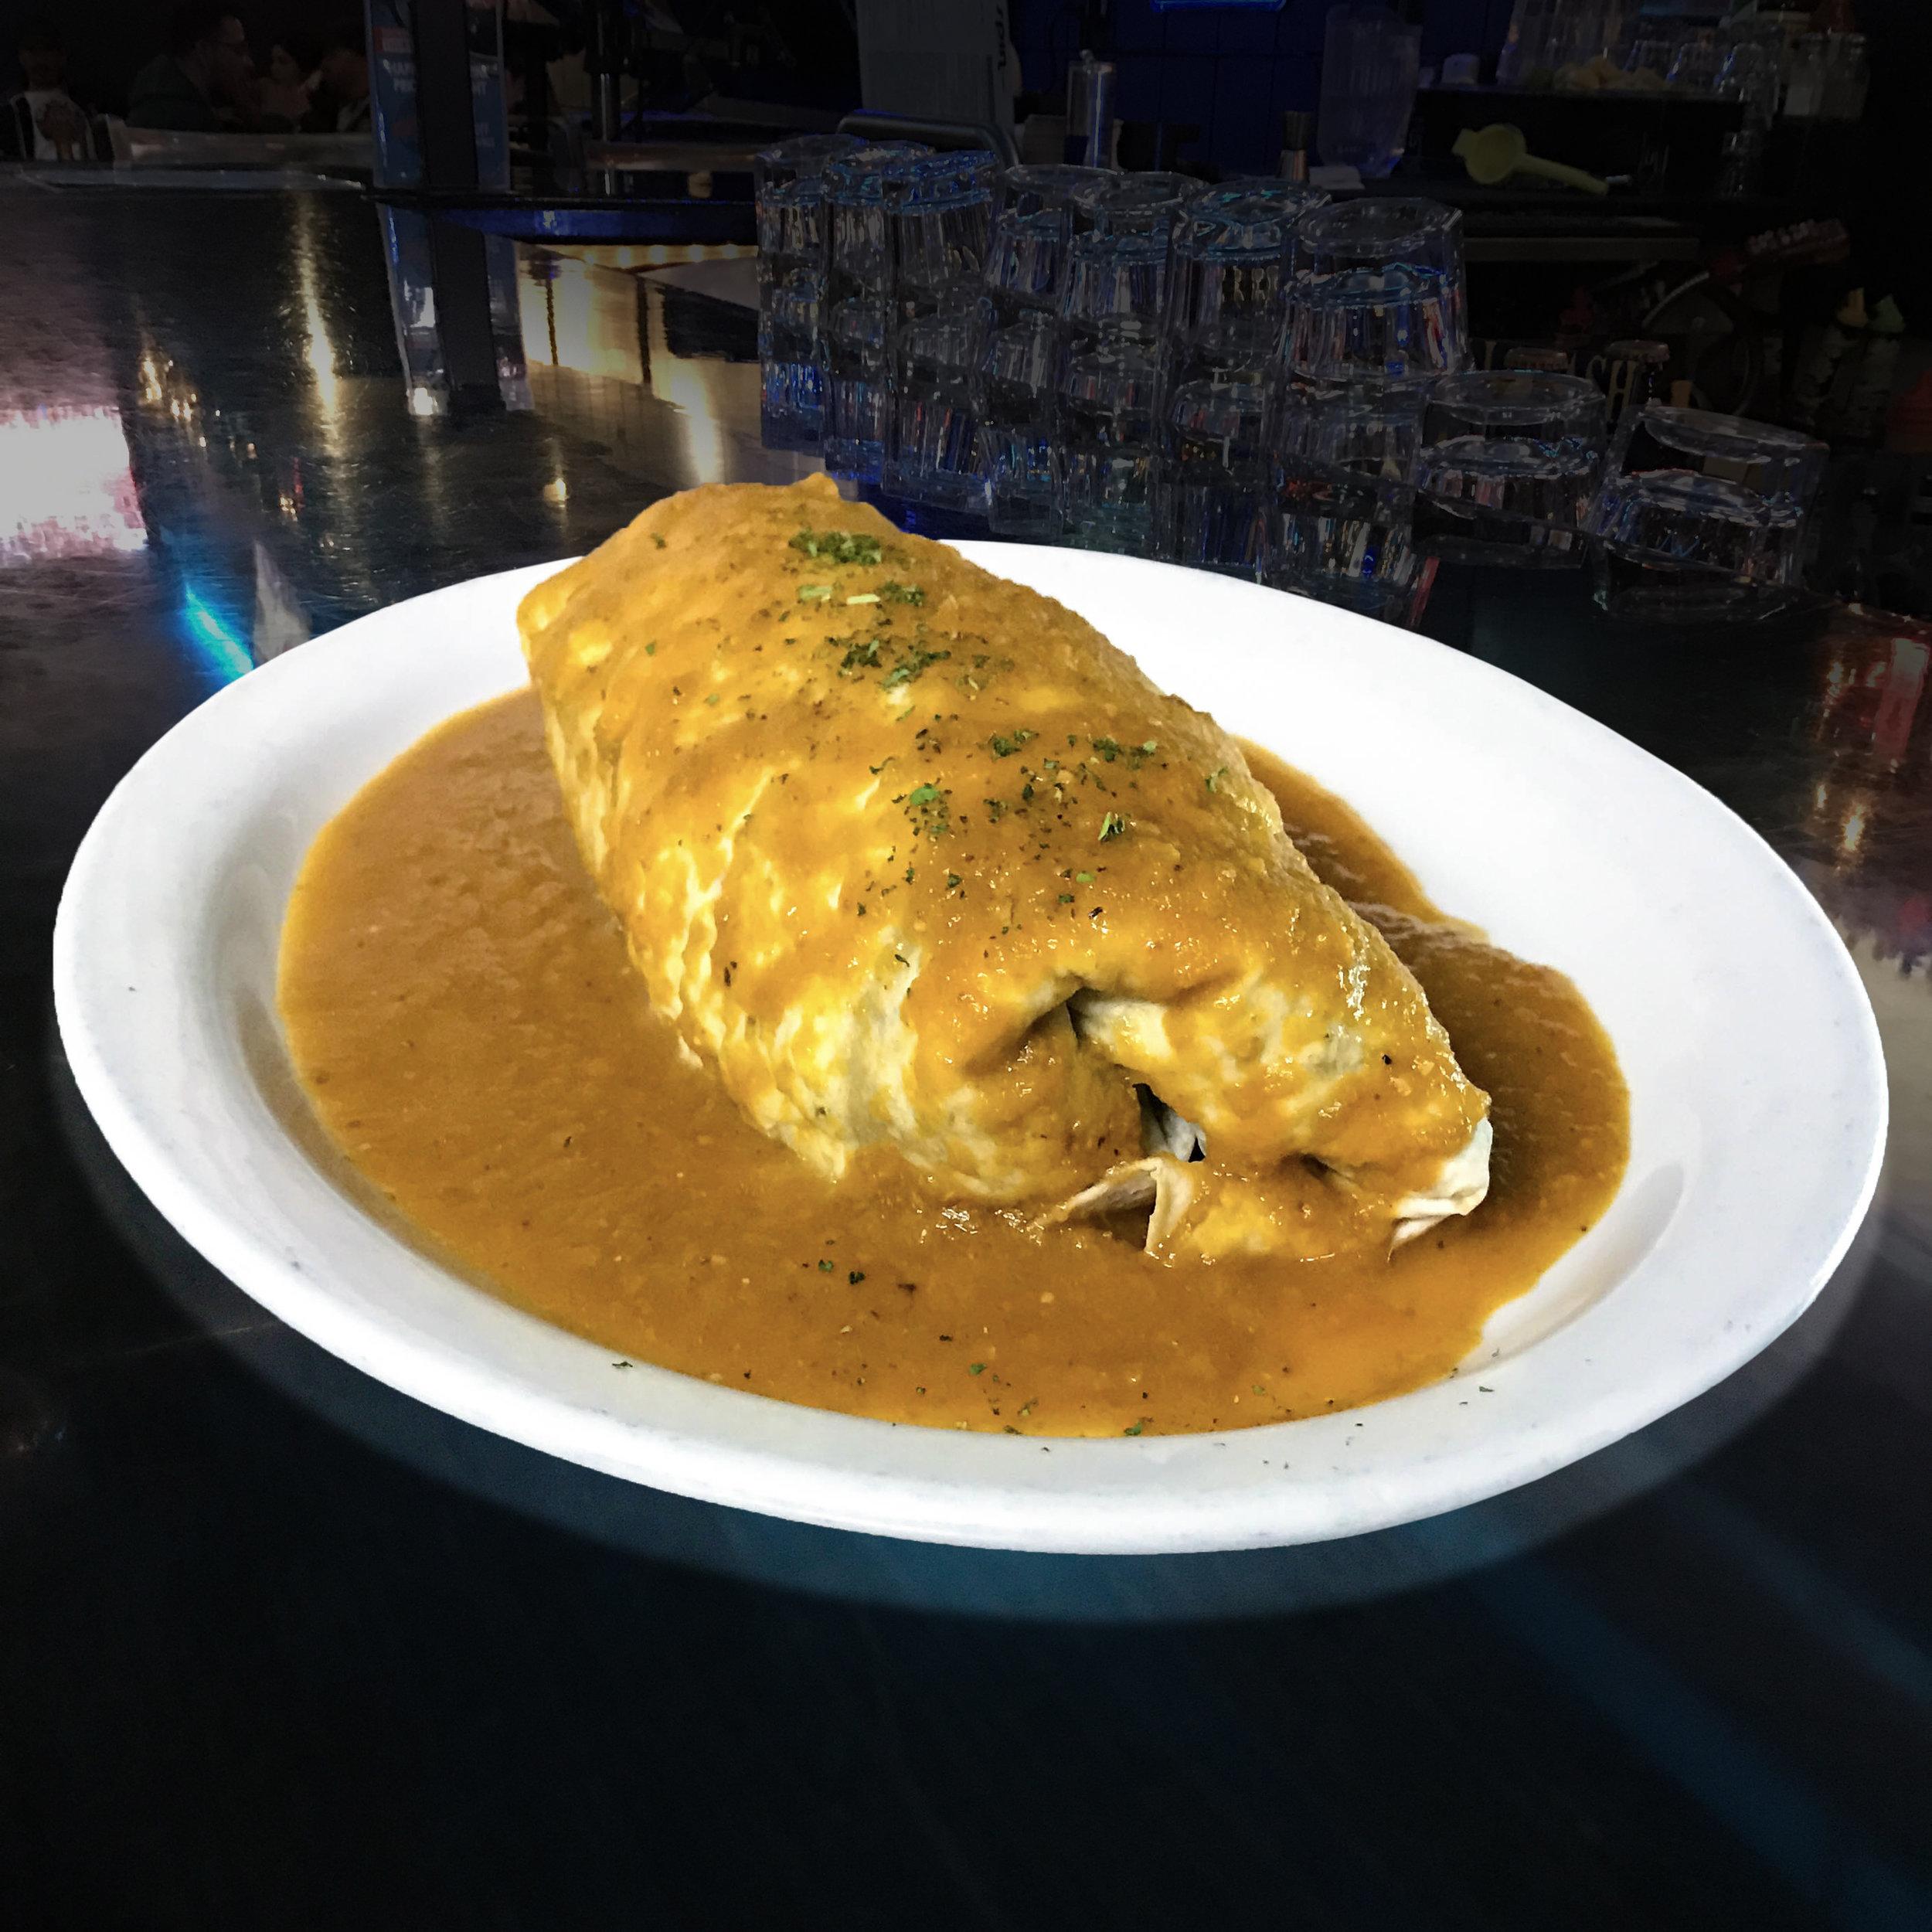 Wet Burrito (a la carte)